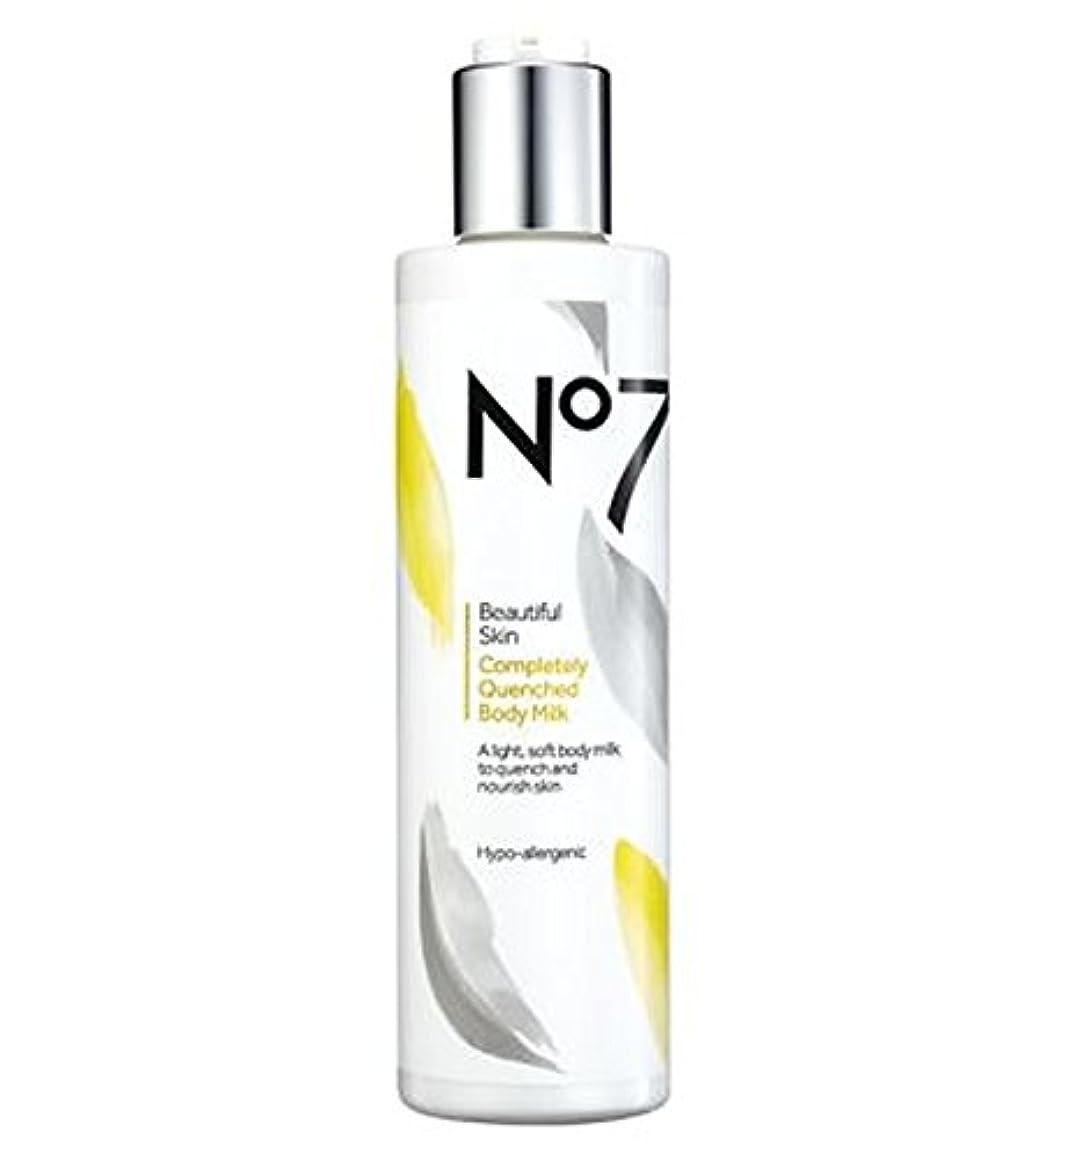 延期する再開怠なNo7美しい肌完全に急冷ボディミルク (No7) (x2) - No7 Beautiful Skin Completely Quenched Body Milk (Pack of 2) [並行輸入品]